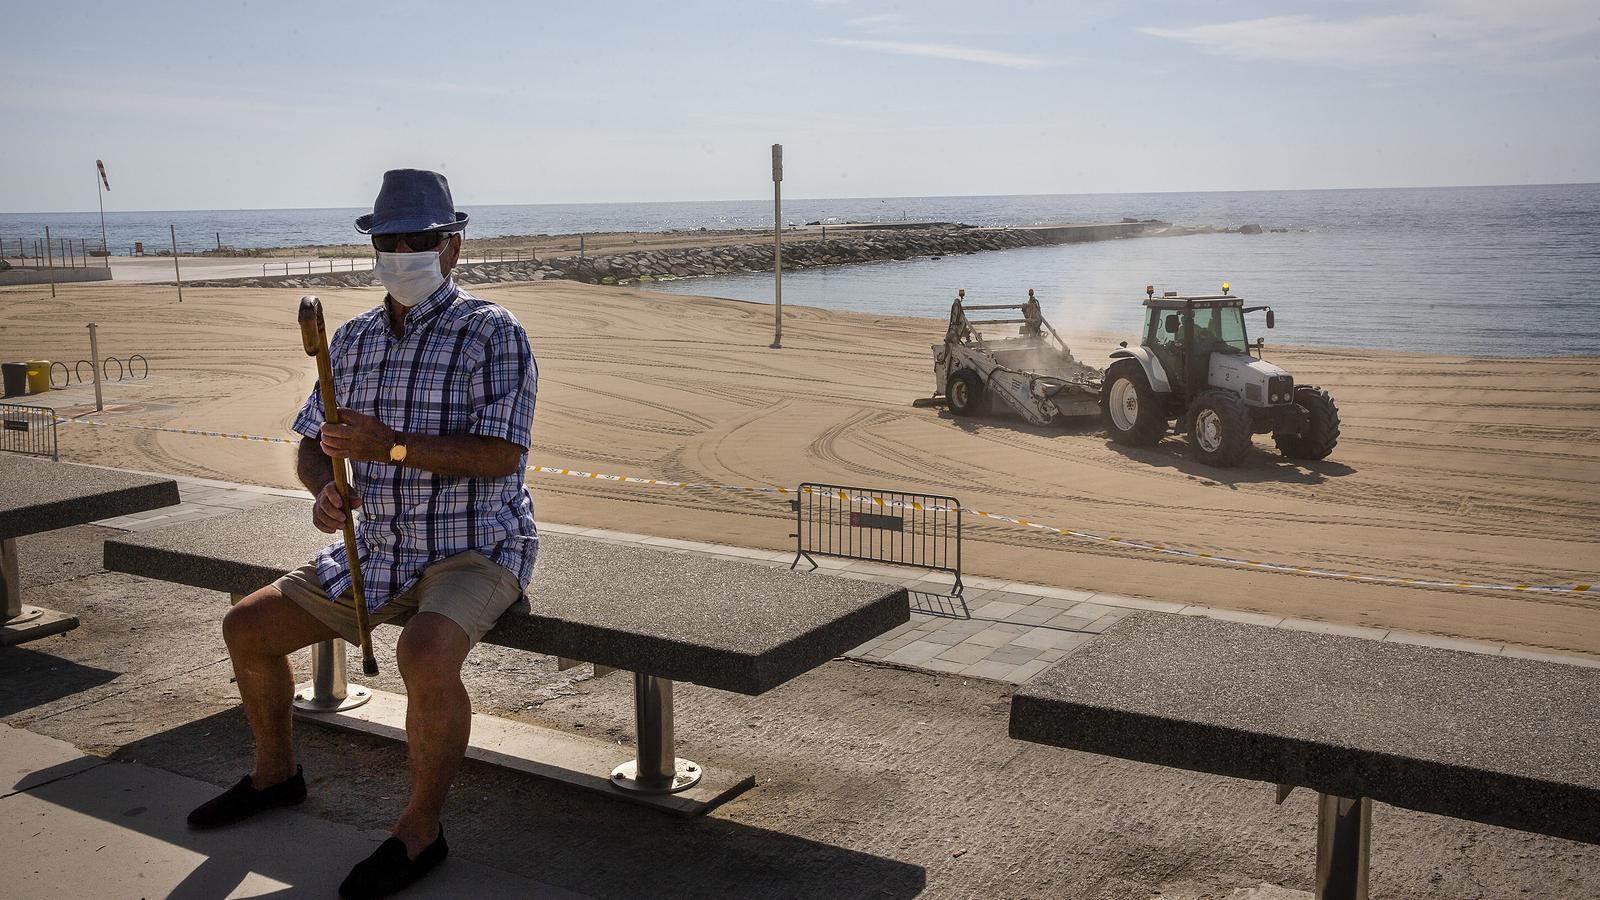 Barcelona rectifica i només deixarà passejar però no prendre el sol a la platja